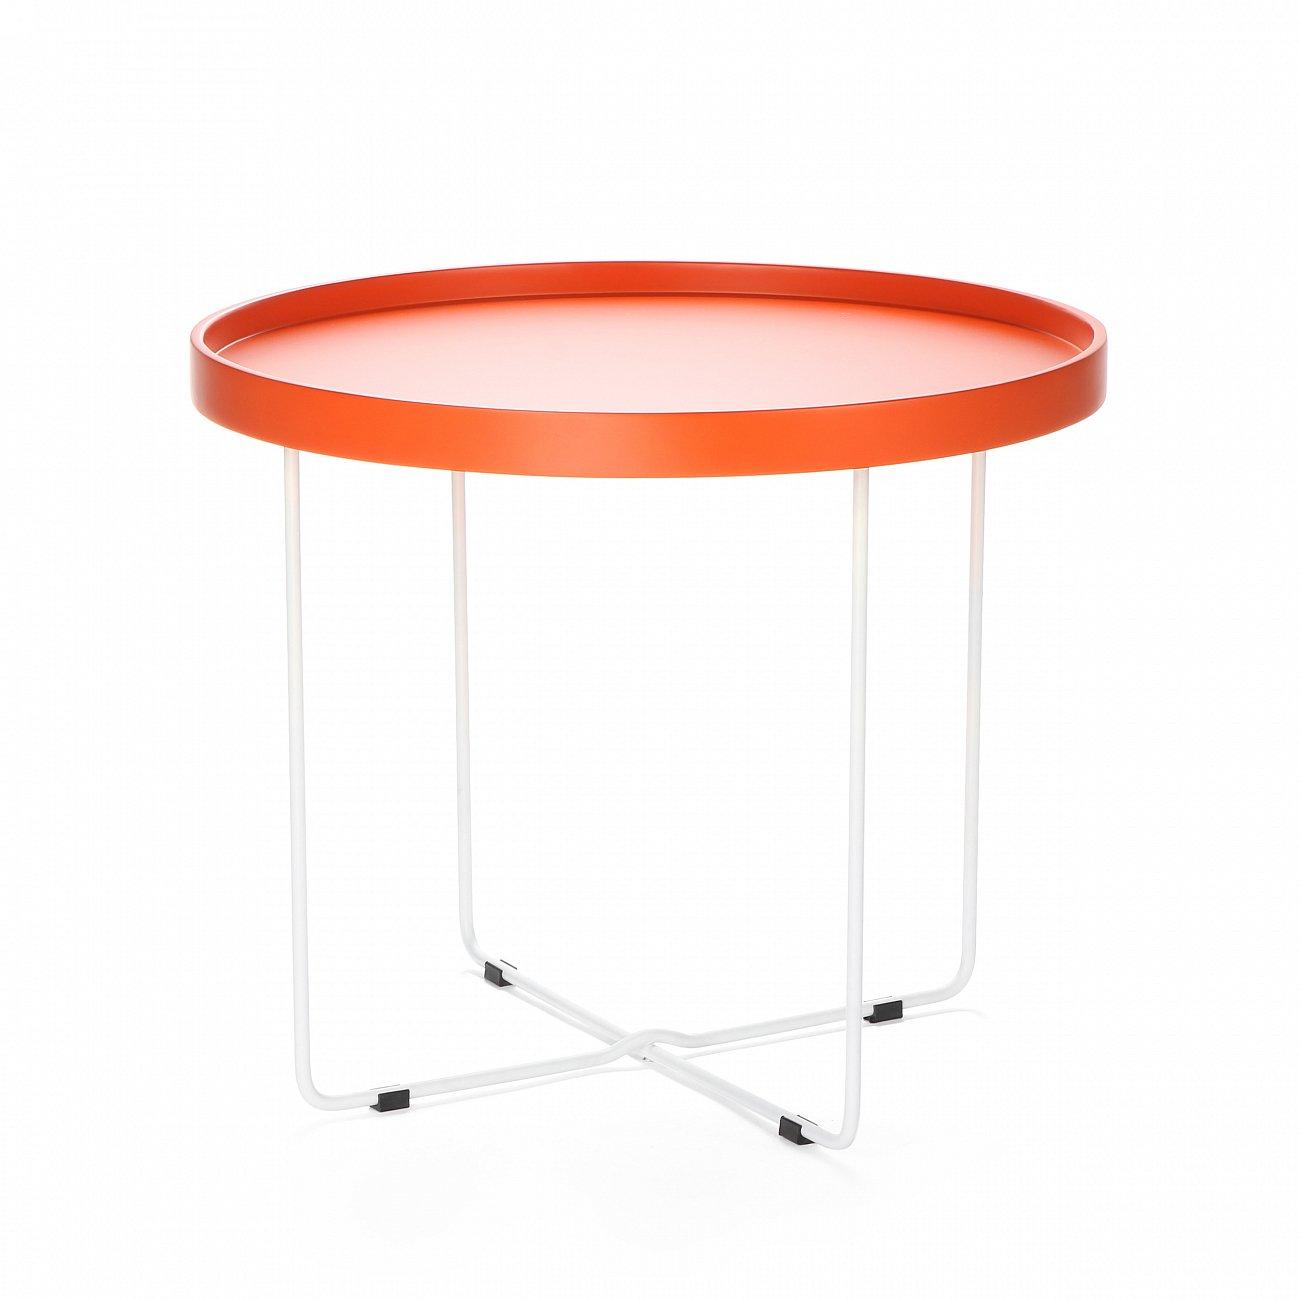 Купить Кофейный стол Arvika Апельсин в интернет магазине дизайнерской мебели и аксессуаров для дома и дачи